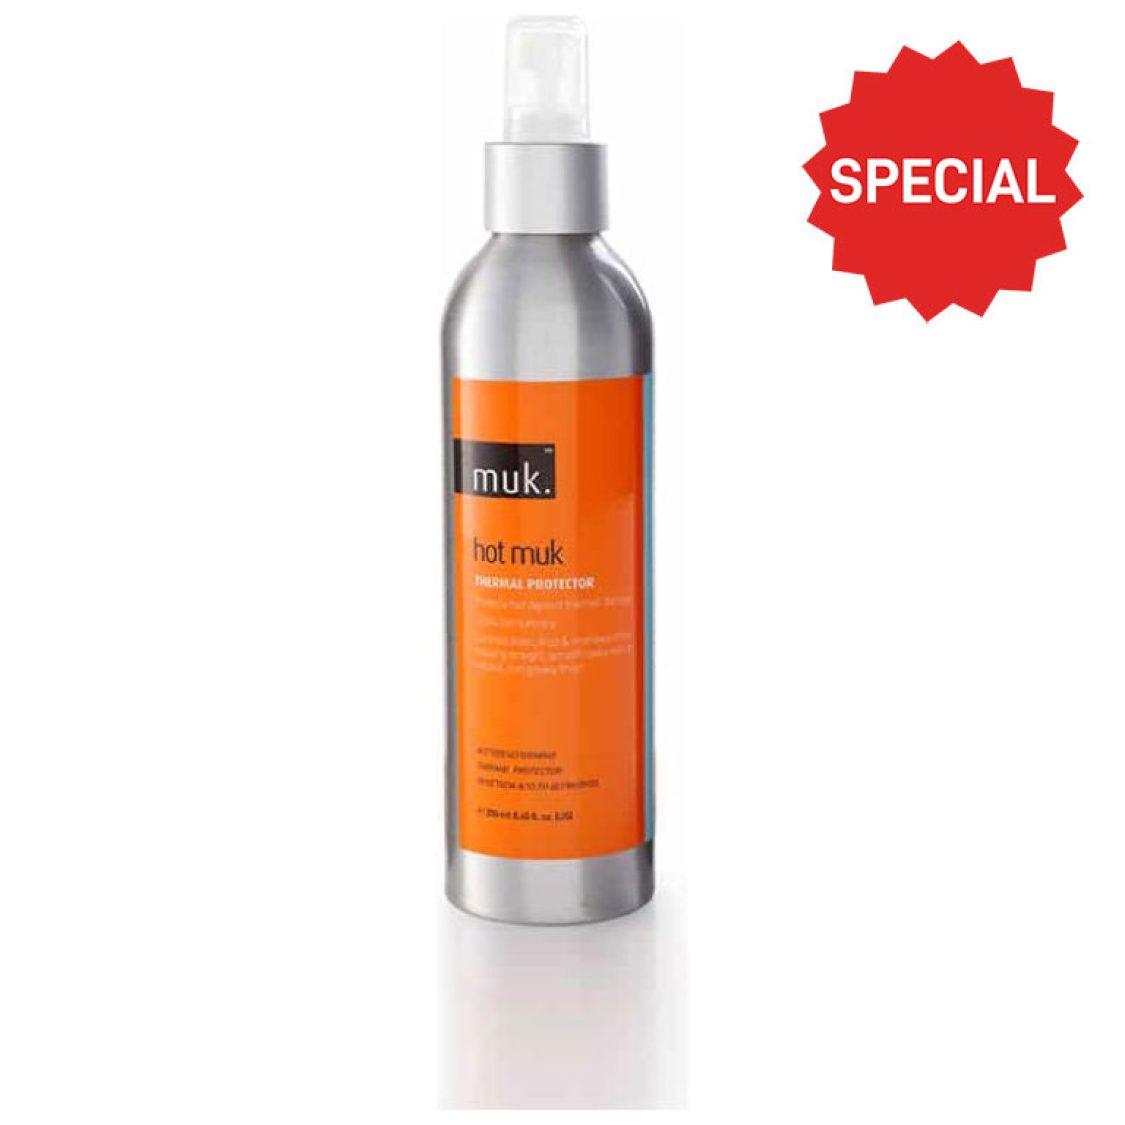 Muk - Haircare - Hot muk Thermal Protector 250ml